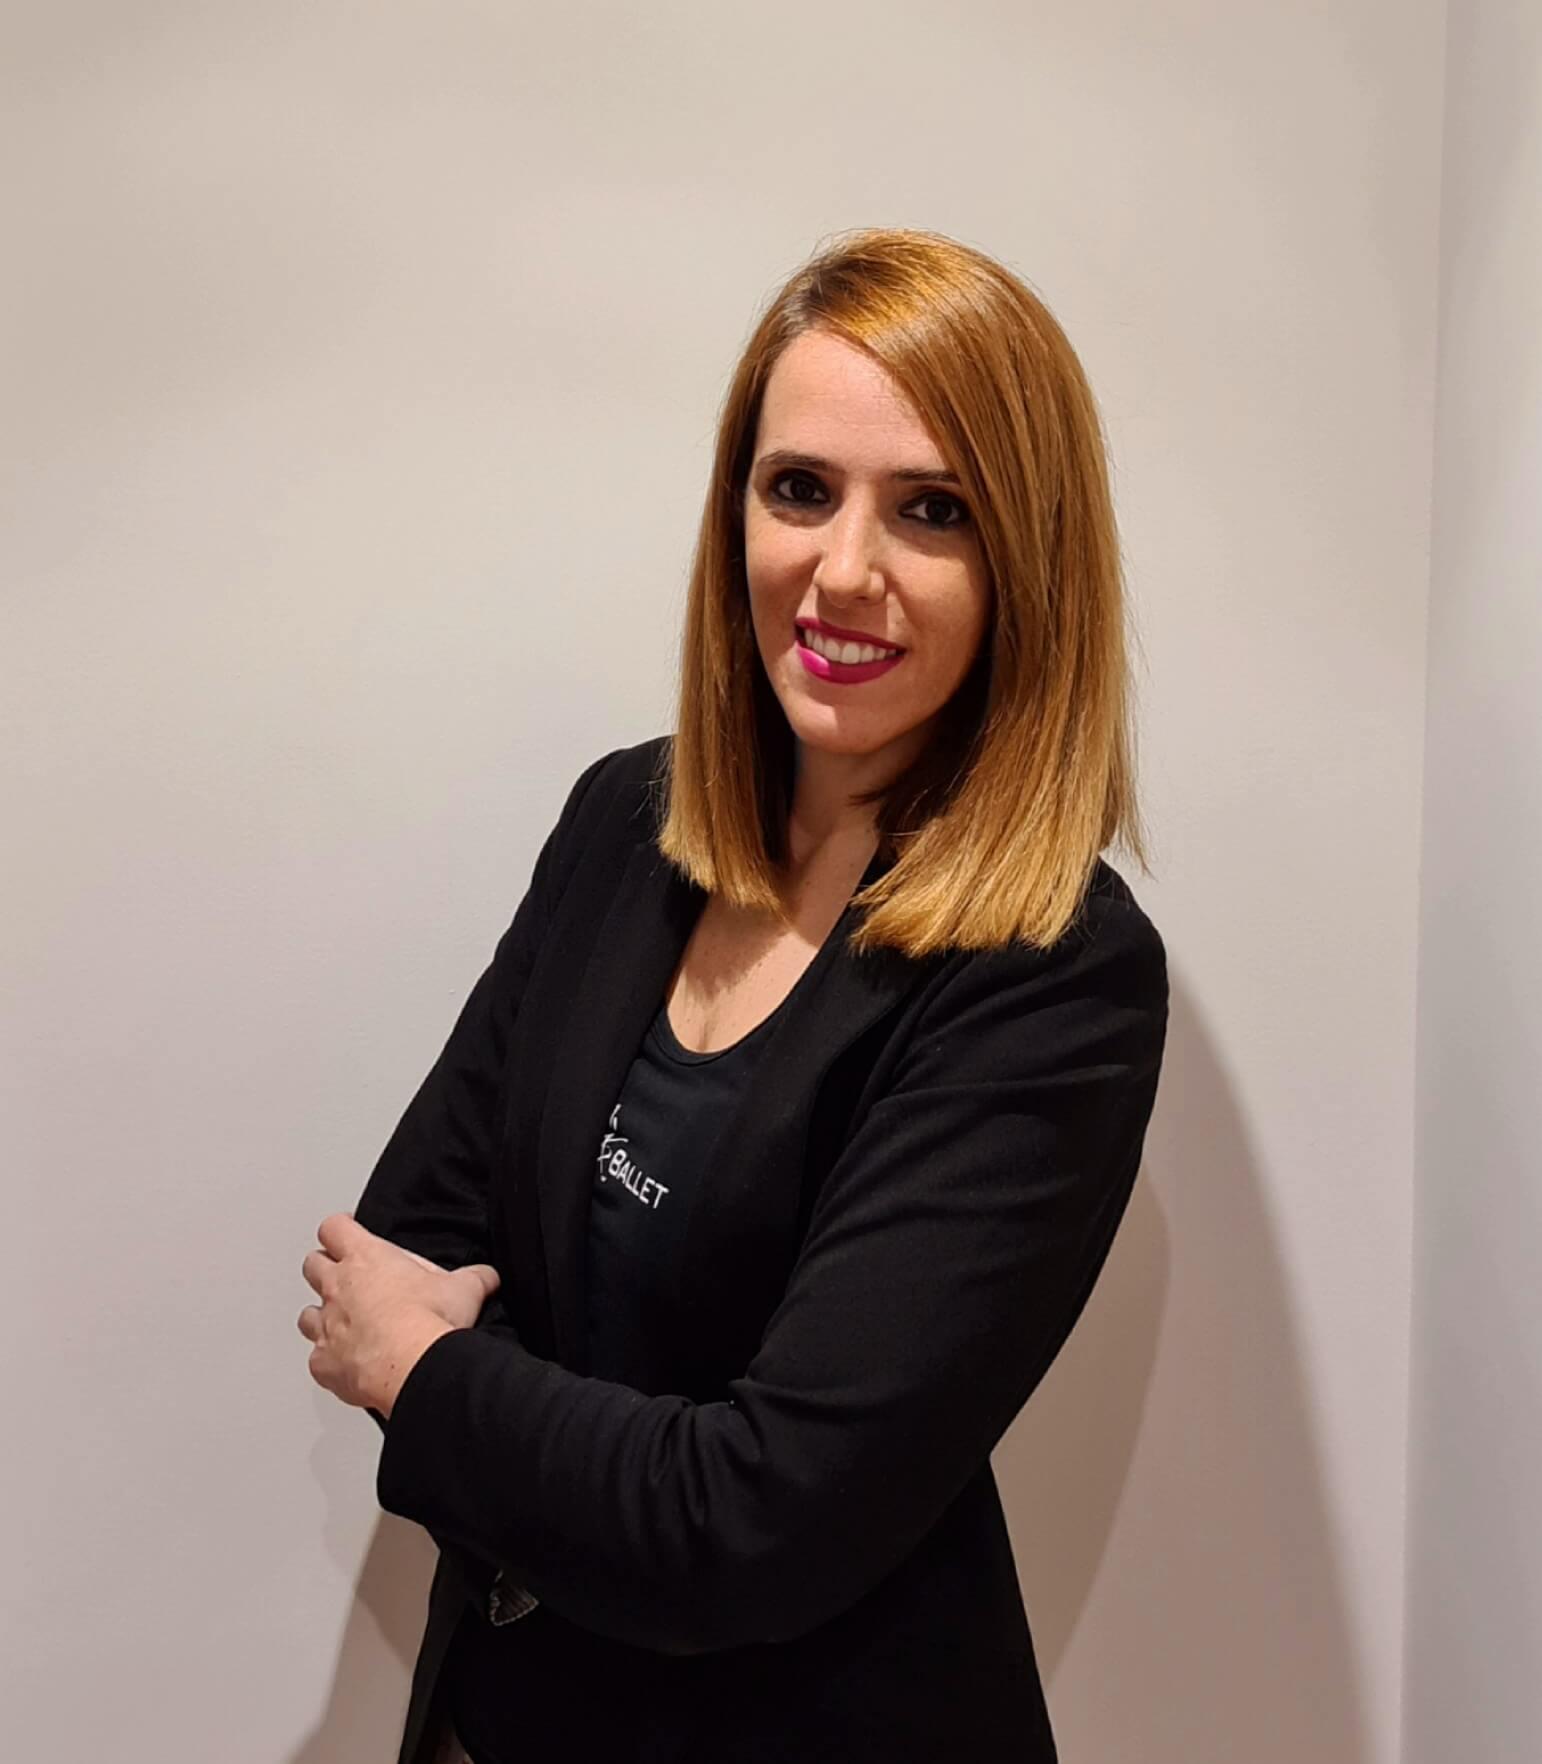 Lorena Salguero